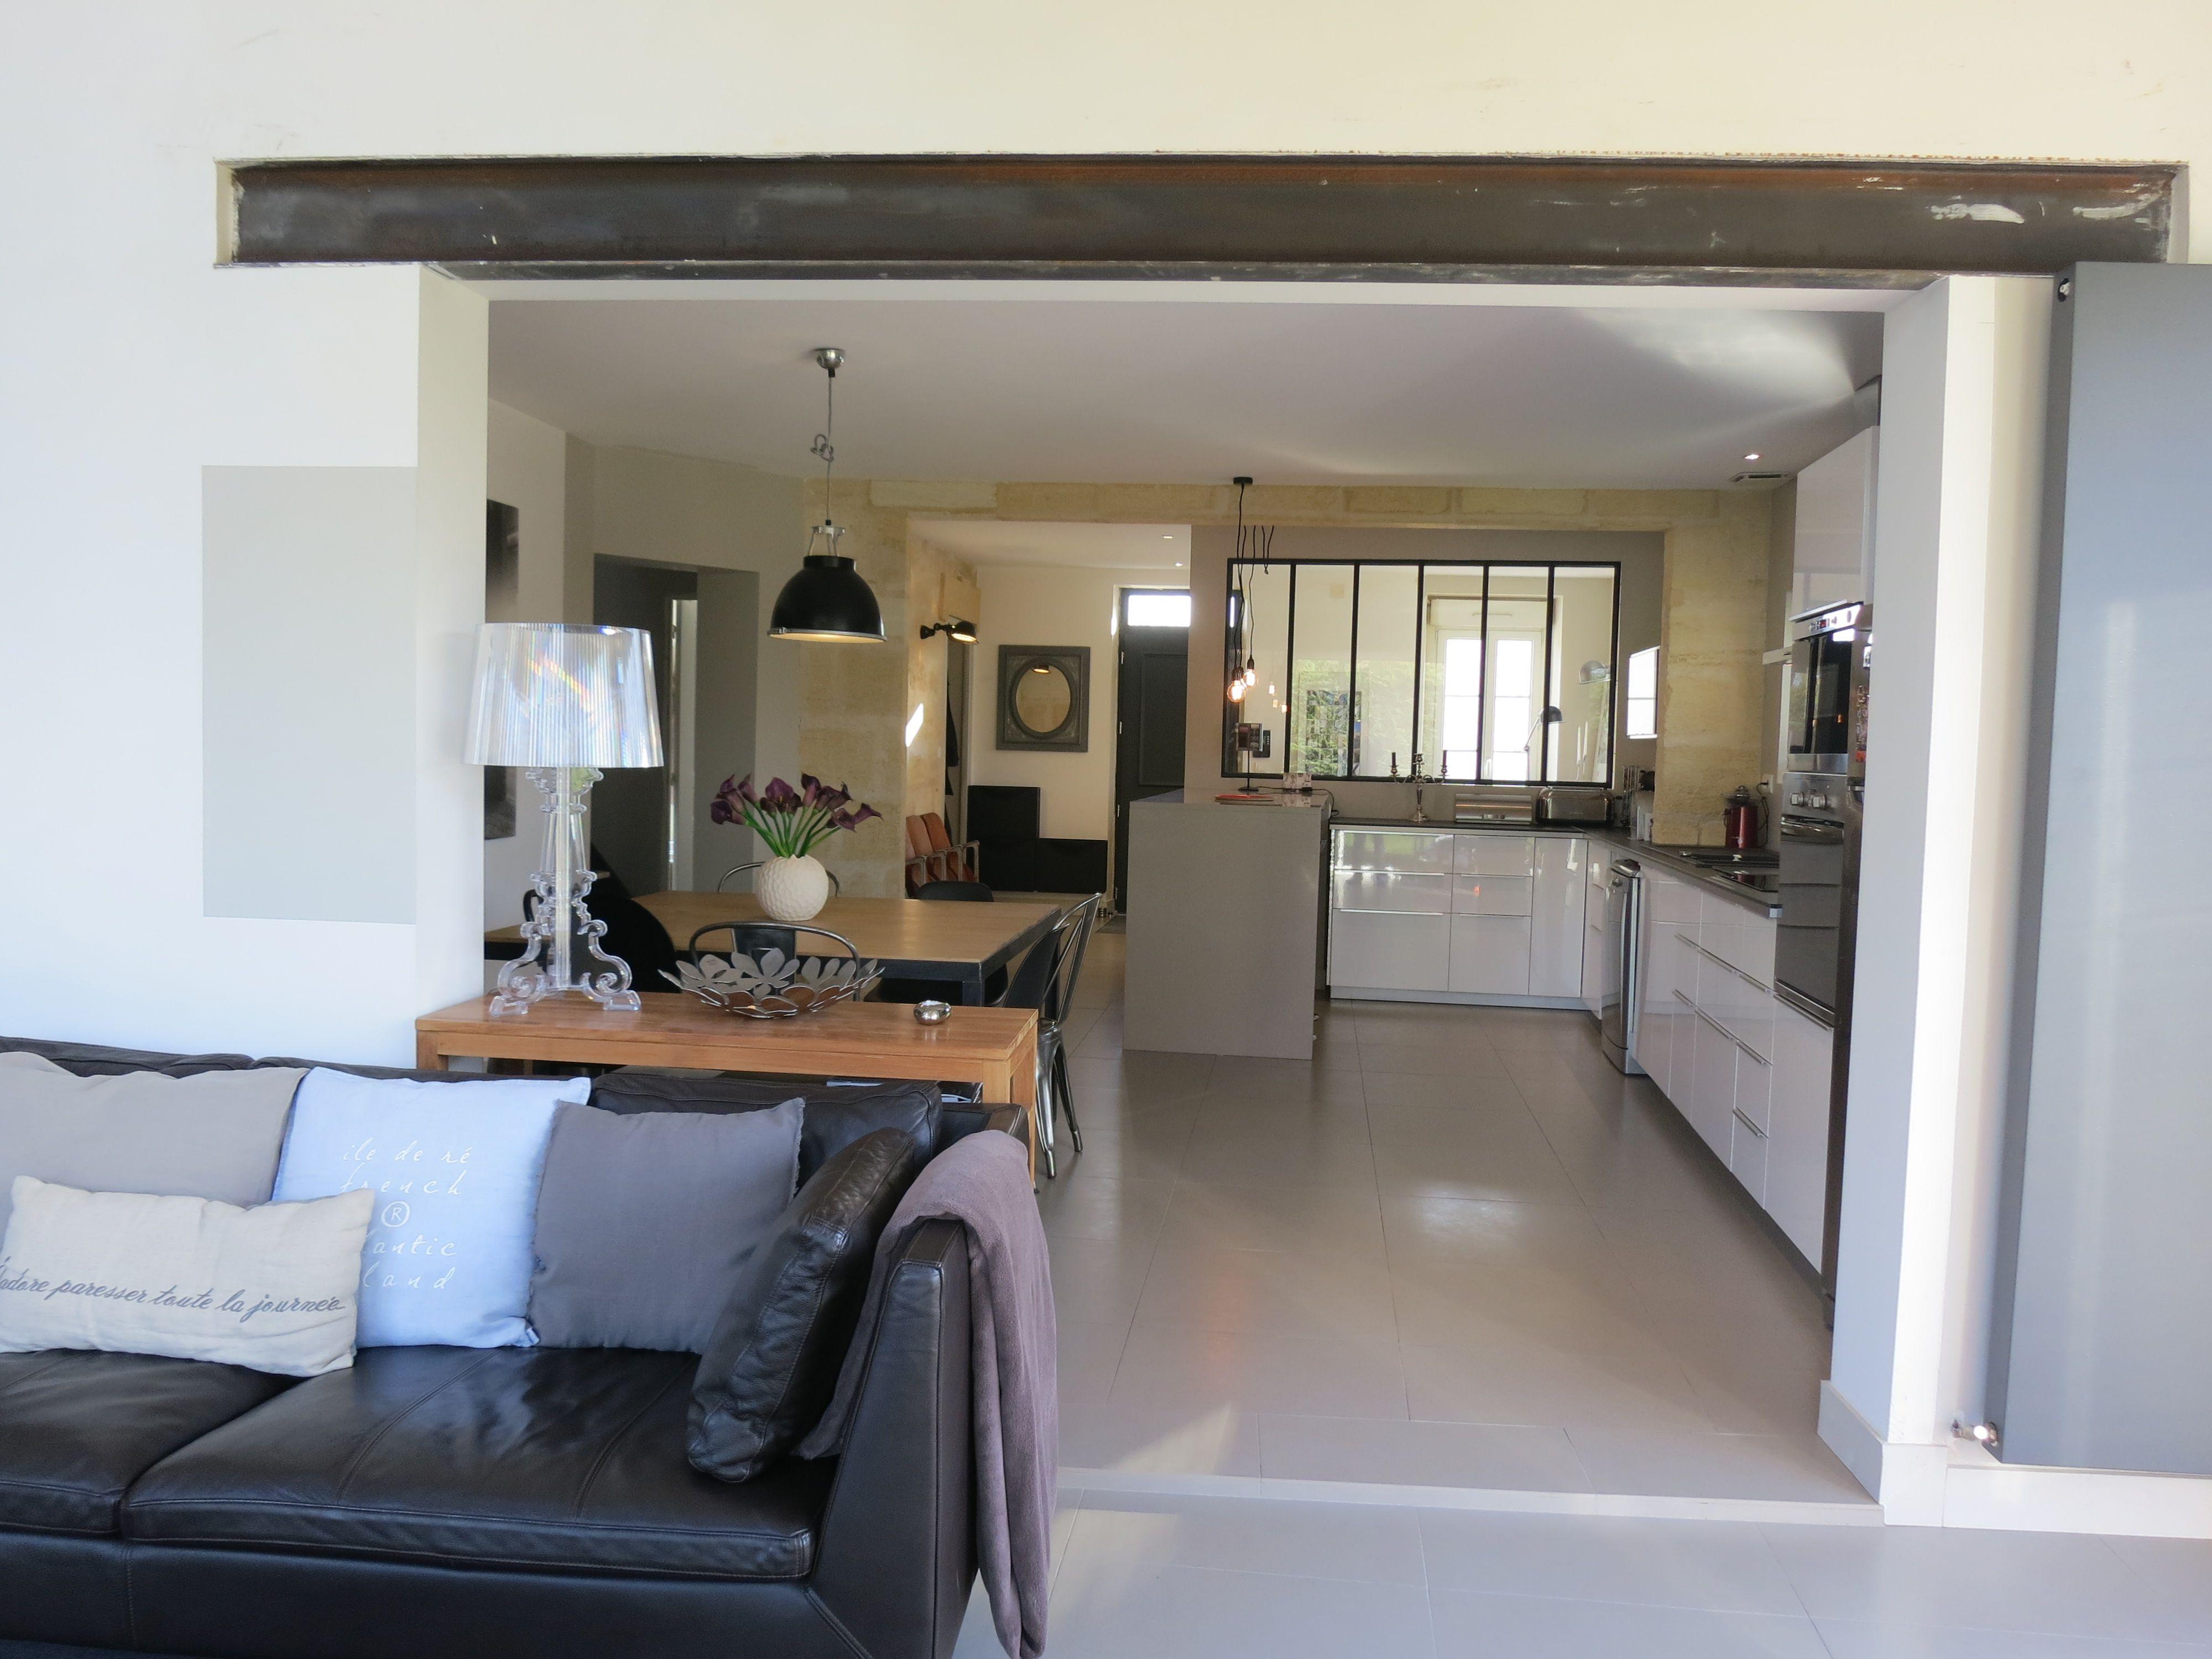 Habiller Un Poteau Interieur Épinglé par ivana vasilj sur deko (2020) | cuisine ouverte